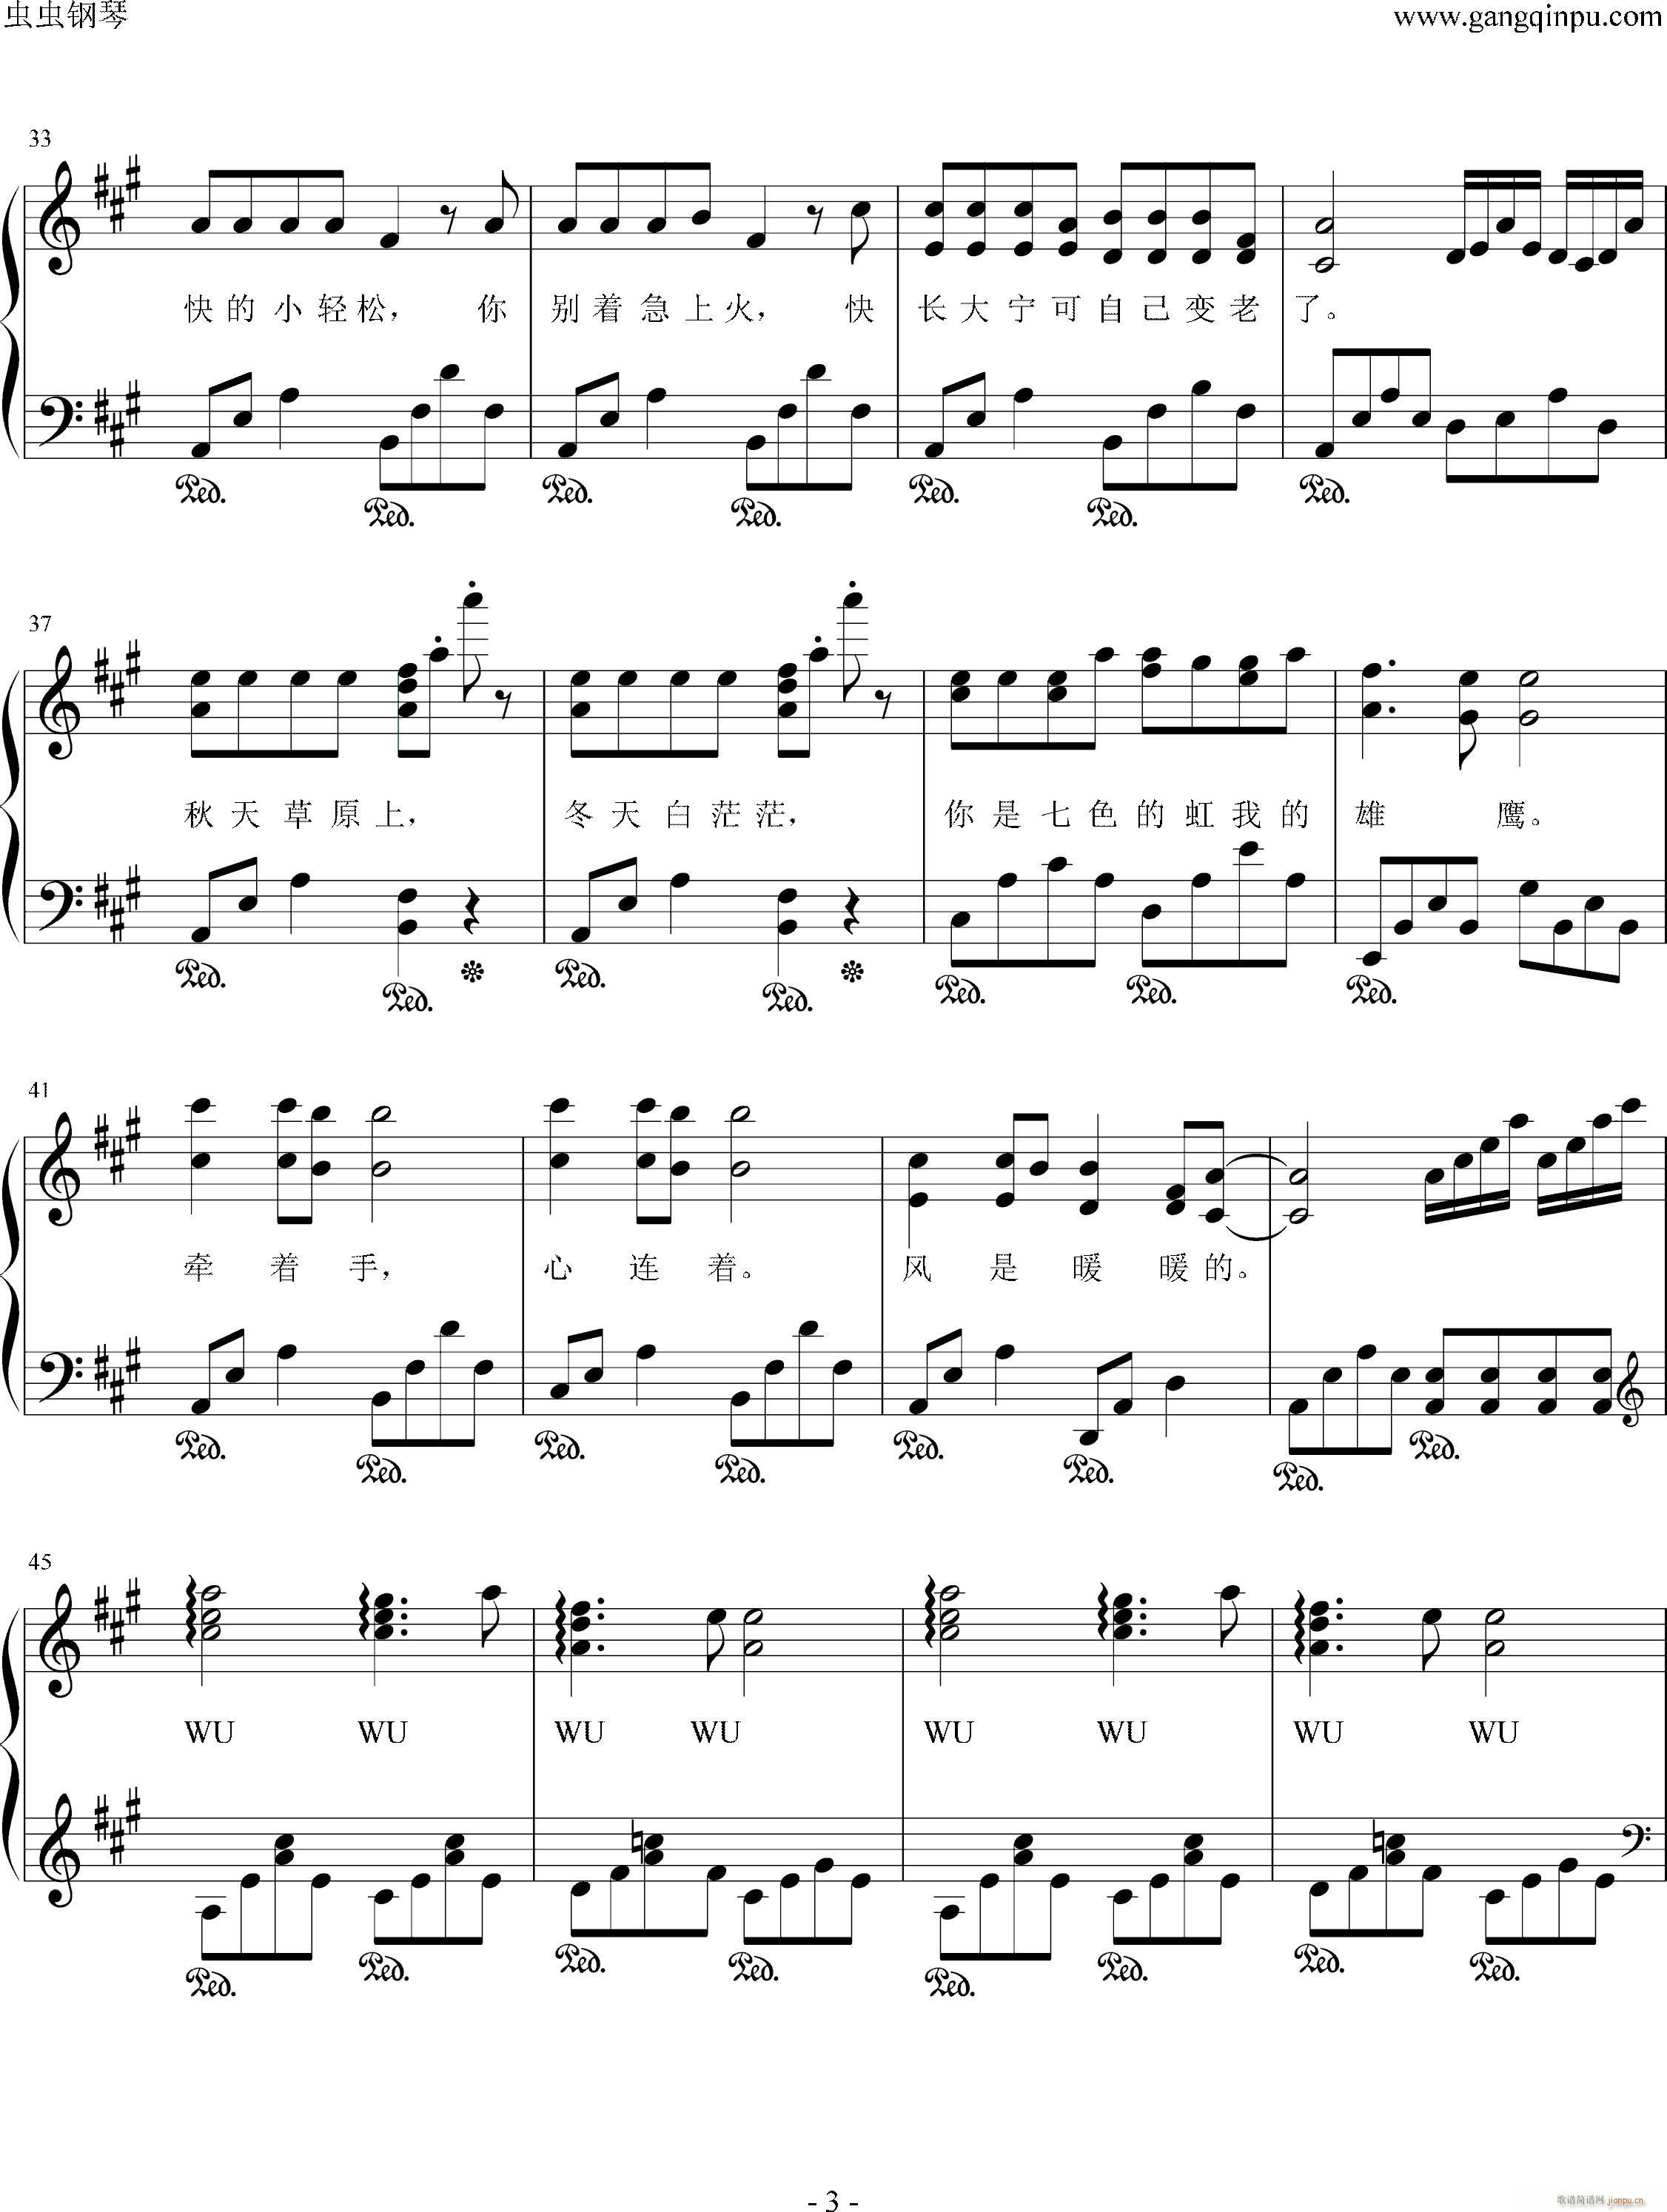 帮我把钢琴谱翻成数字简谱,谢谢.